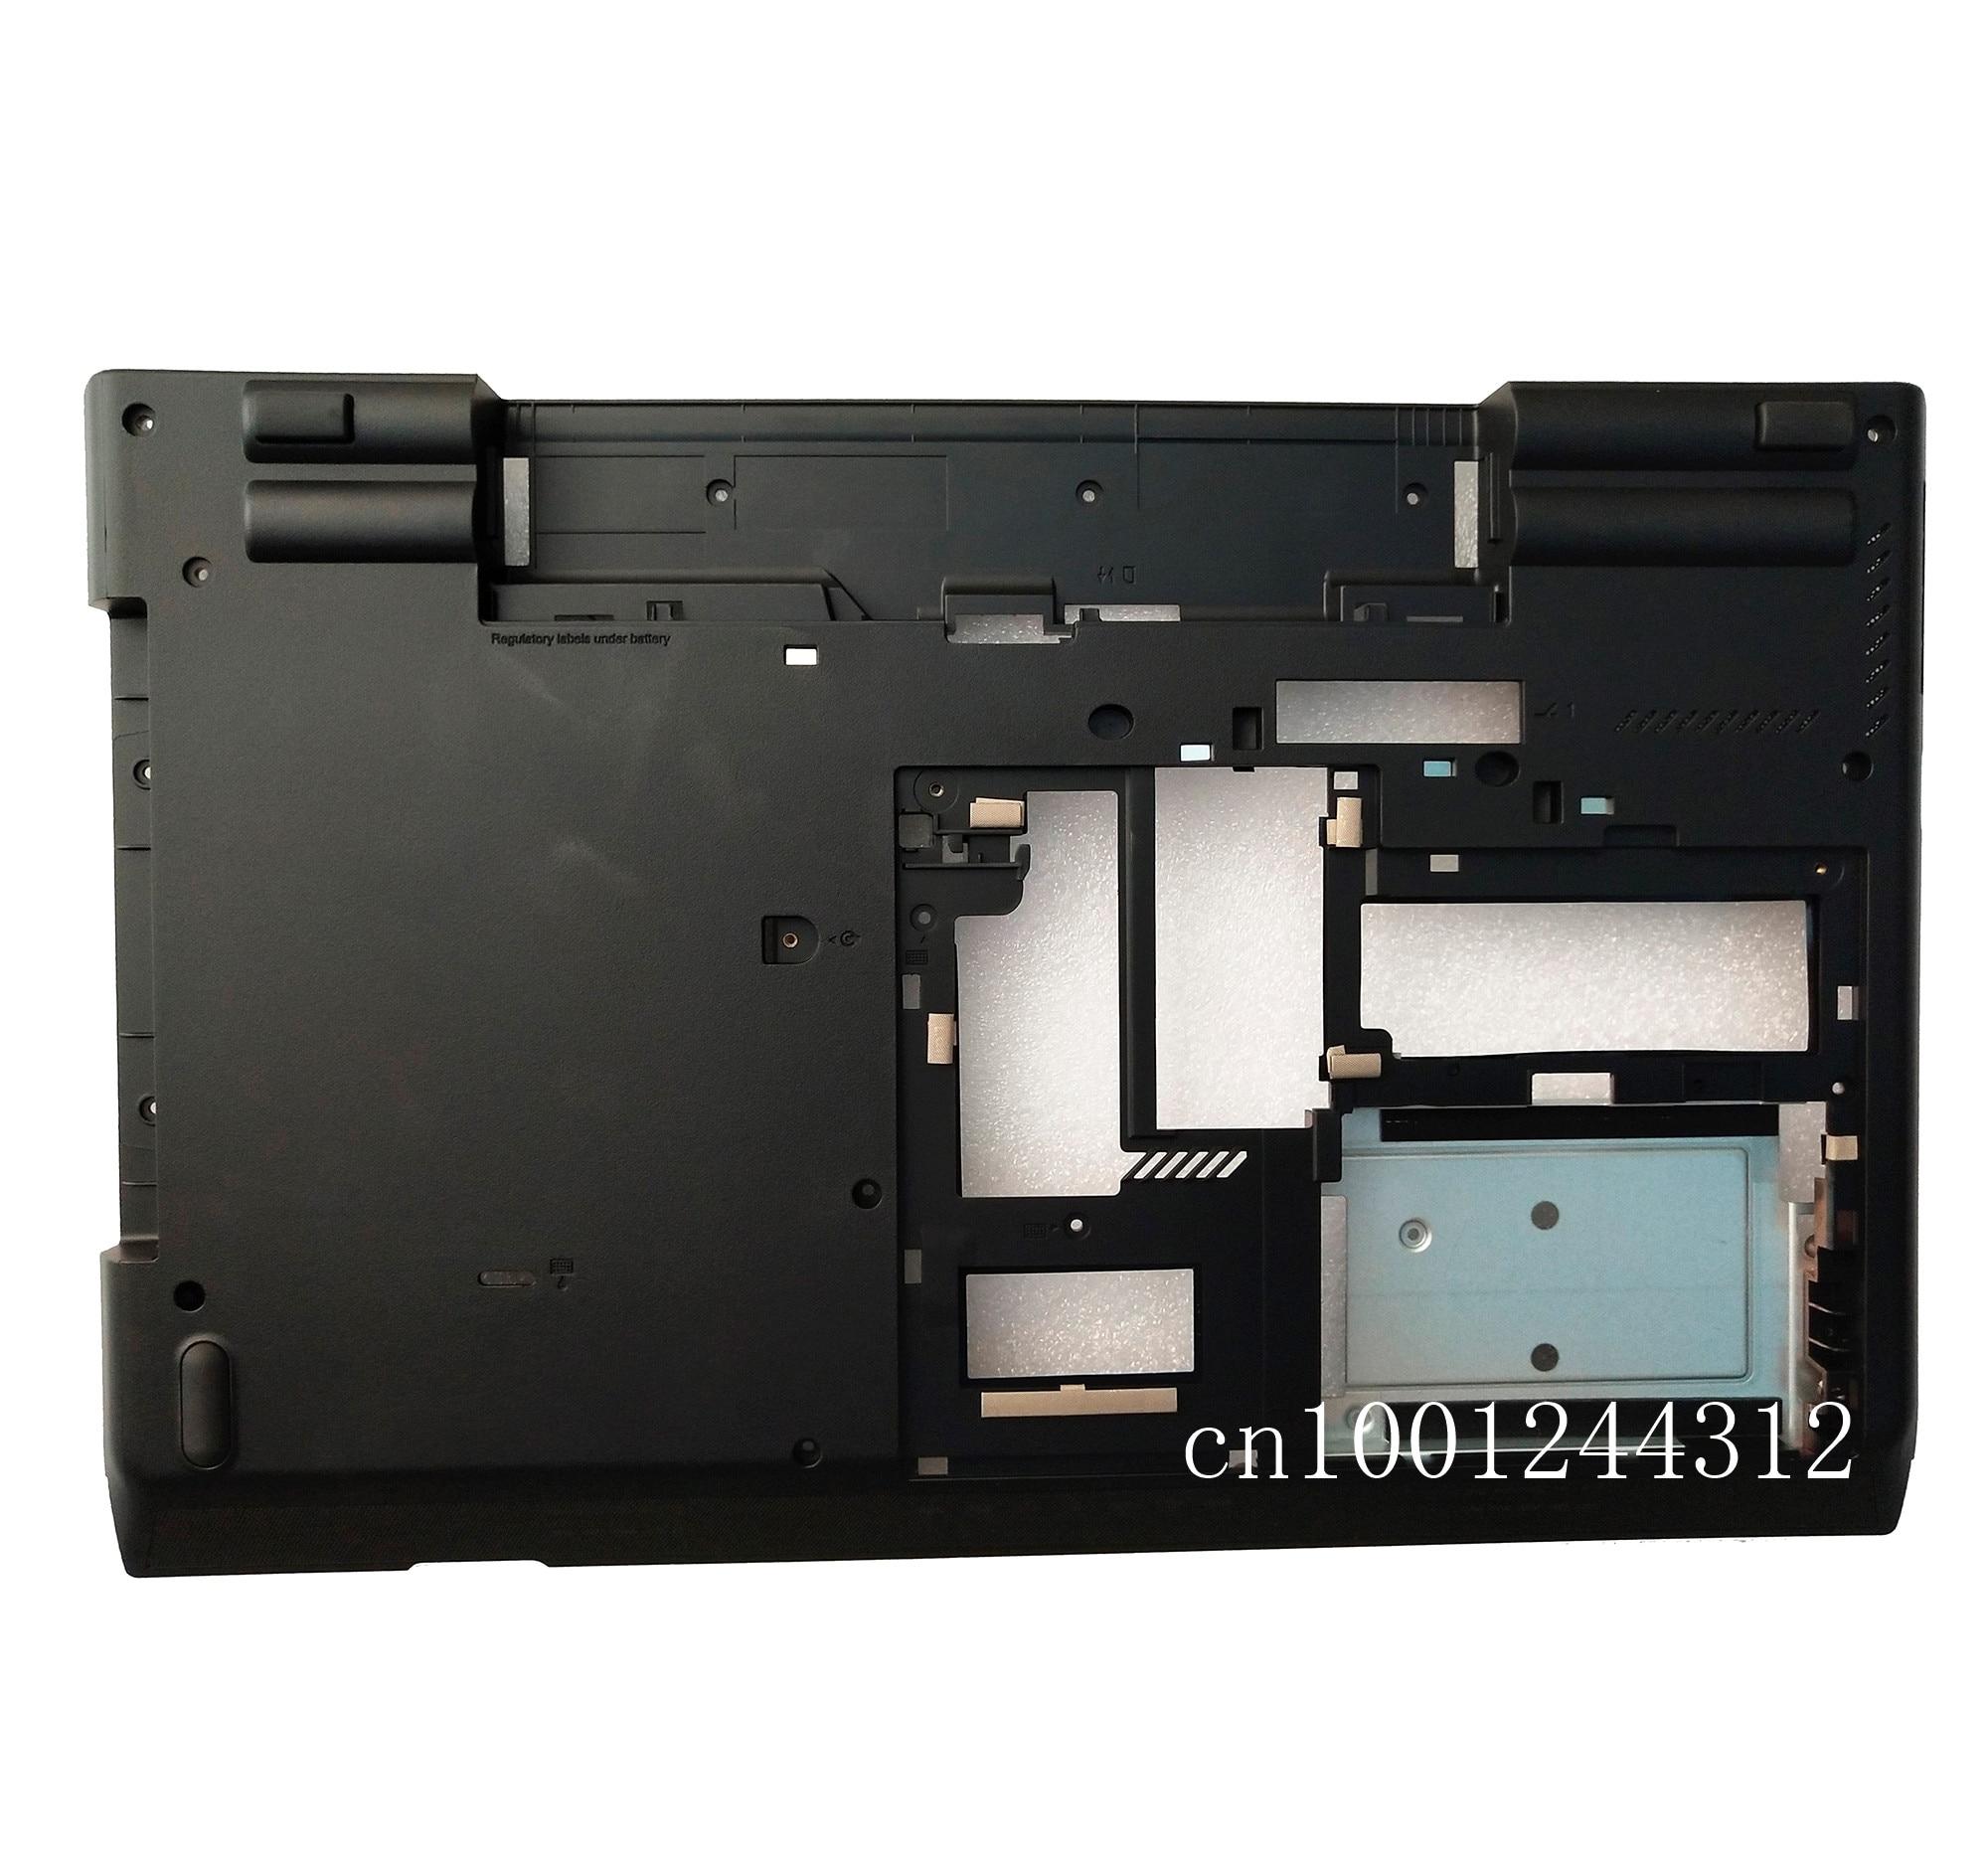 New Original For Laptop Lenovo L530 Lower Bottom Base Case Cover 04W6987